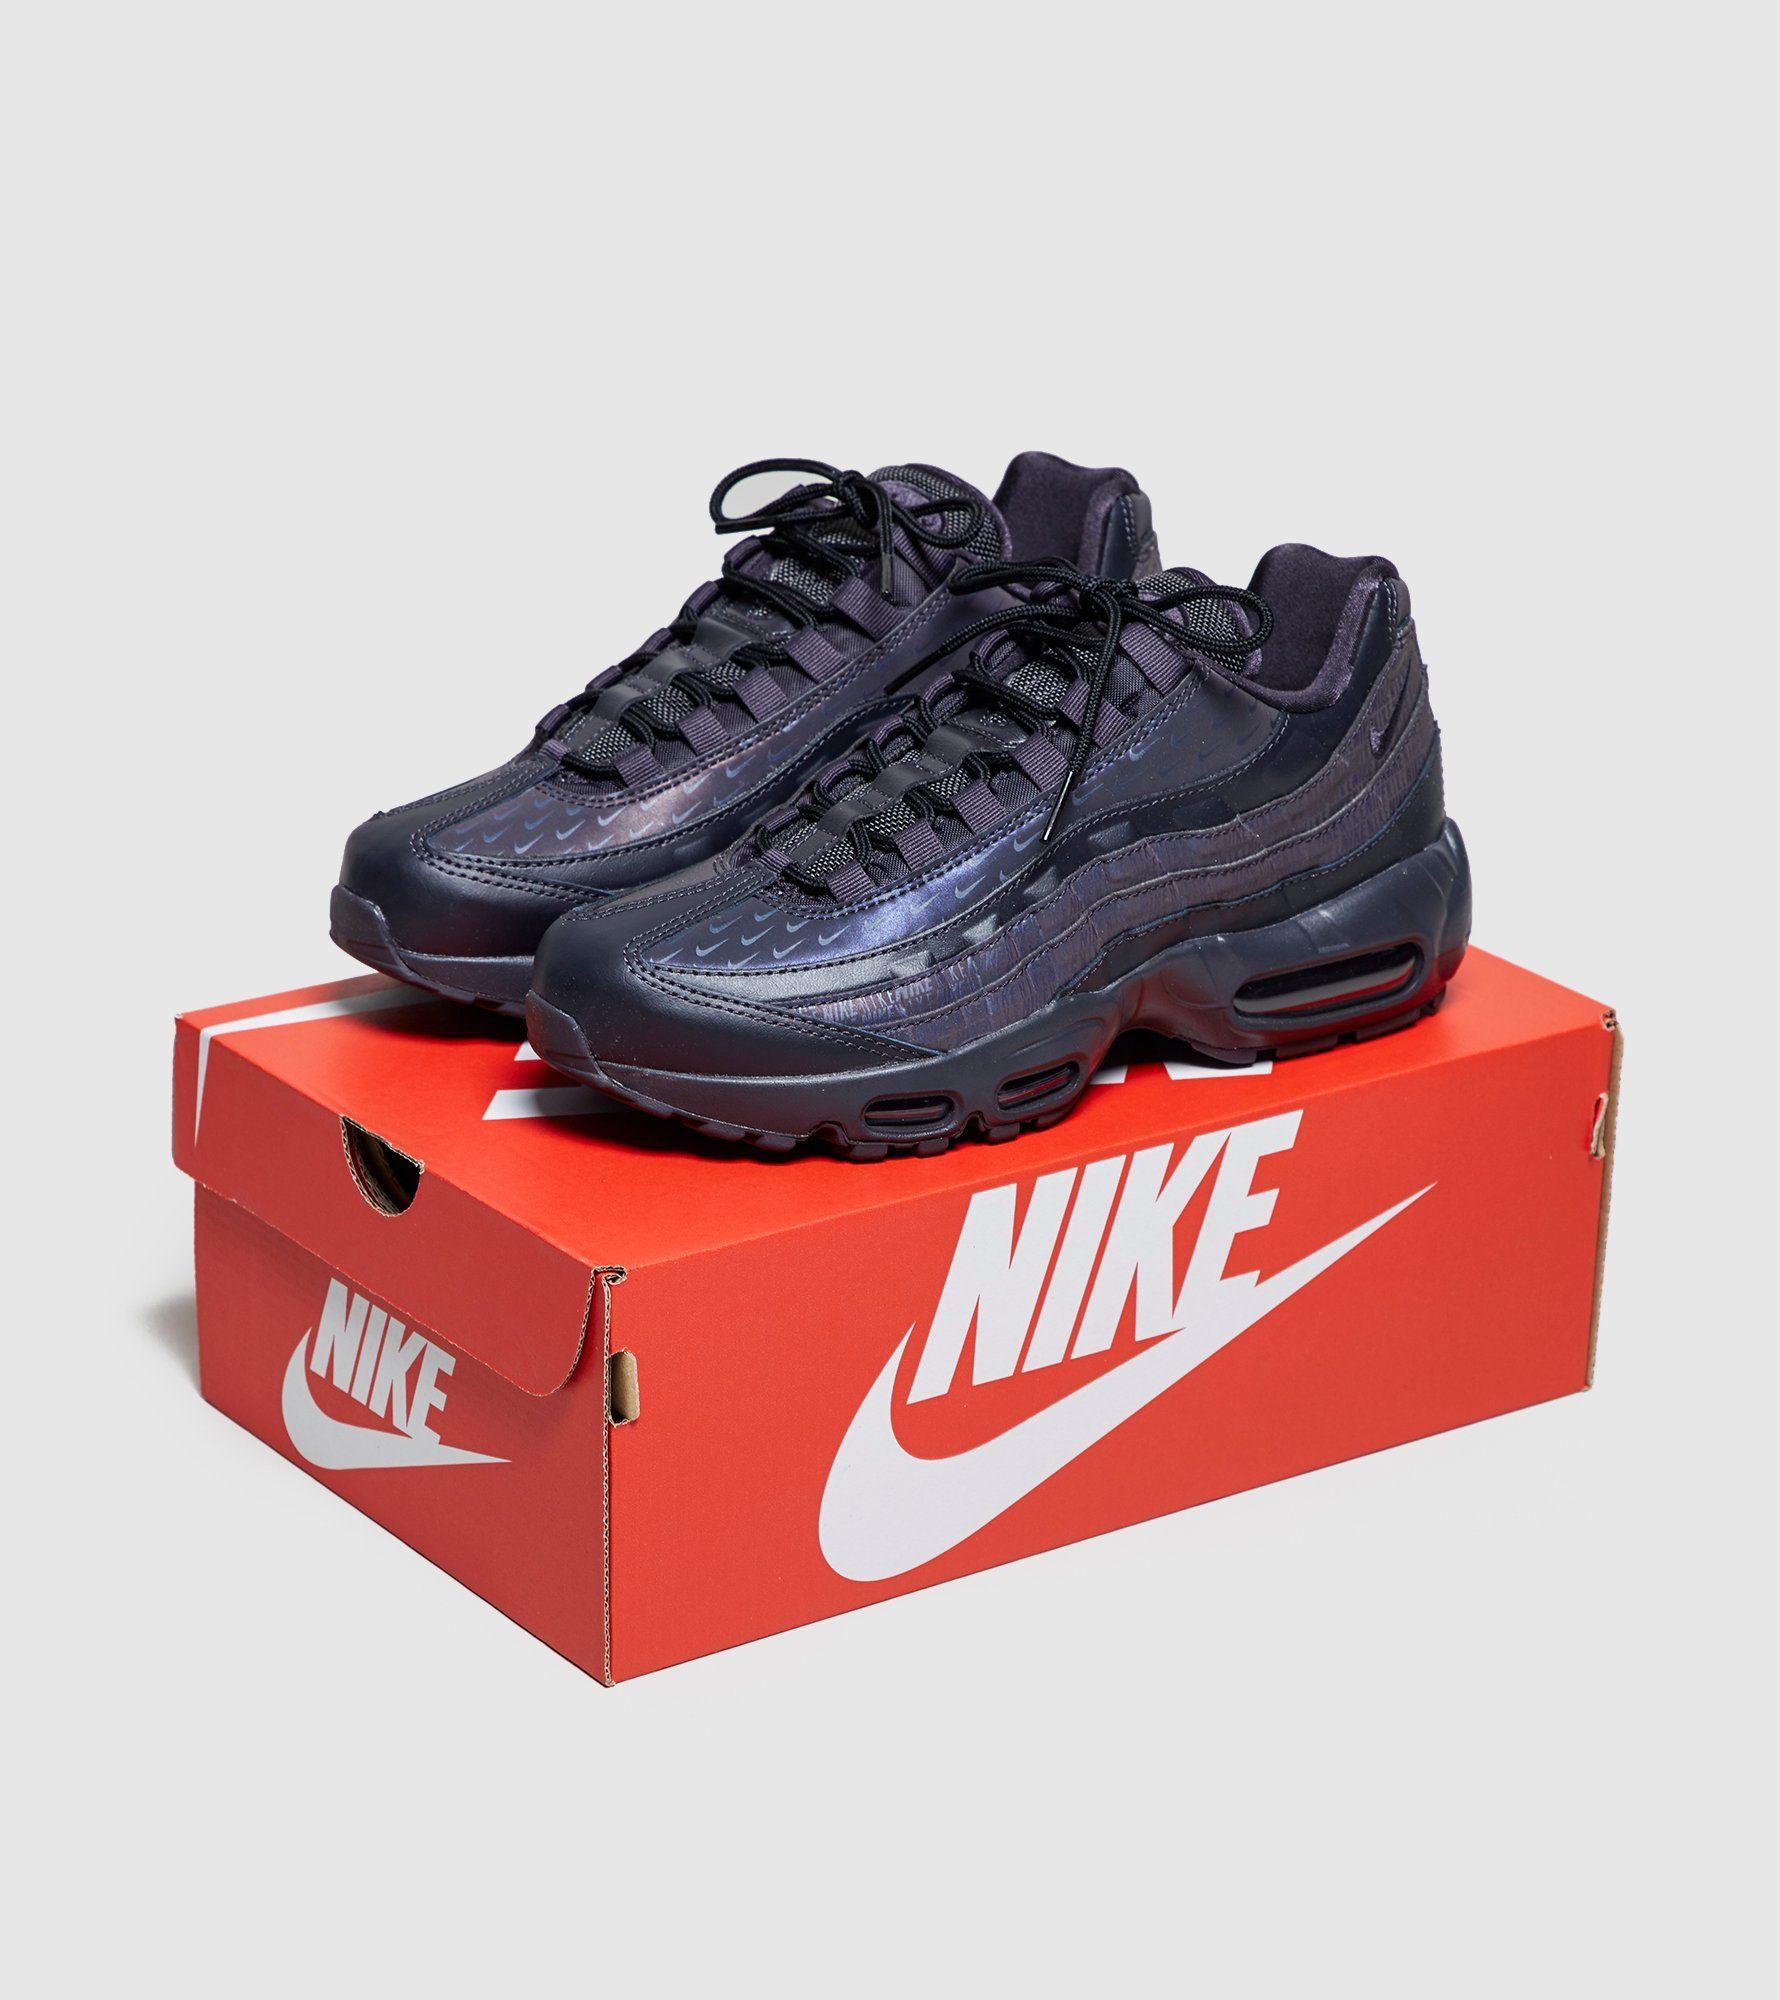 Nike Air Max 95 'Stealth' Women's